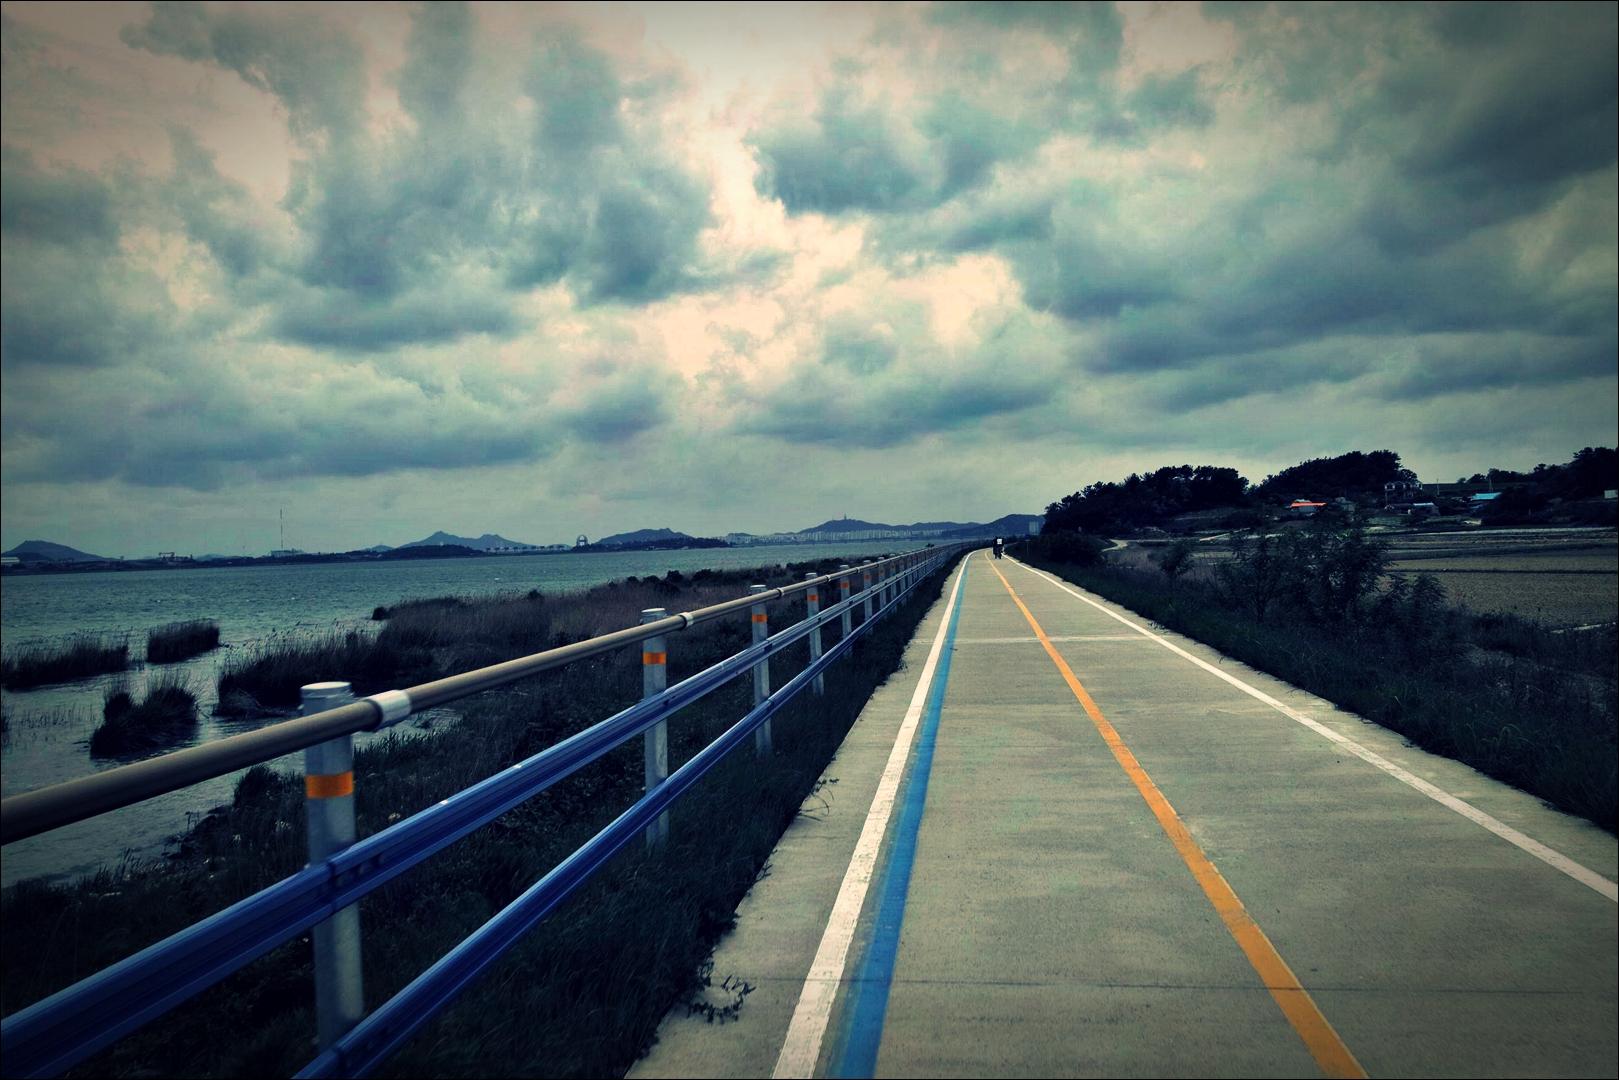 무안-'영산강 자전거 종주 Yeongsan_River_Bike_Riding'